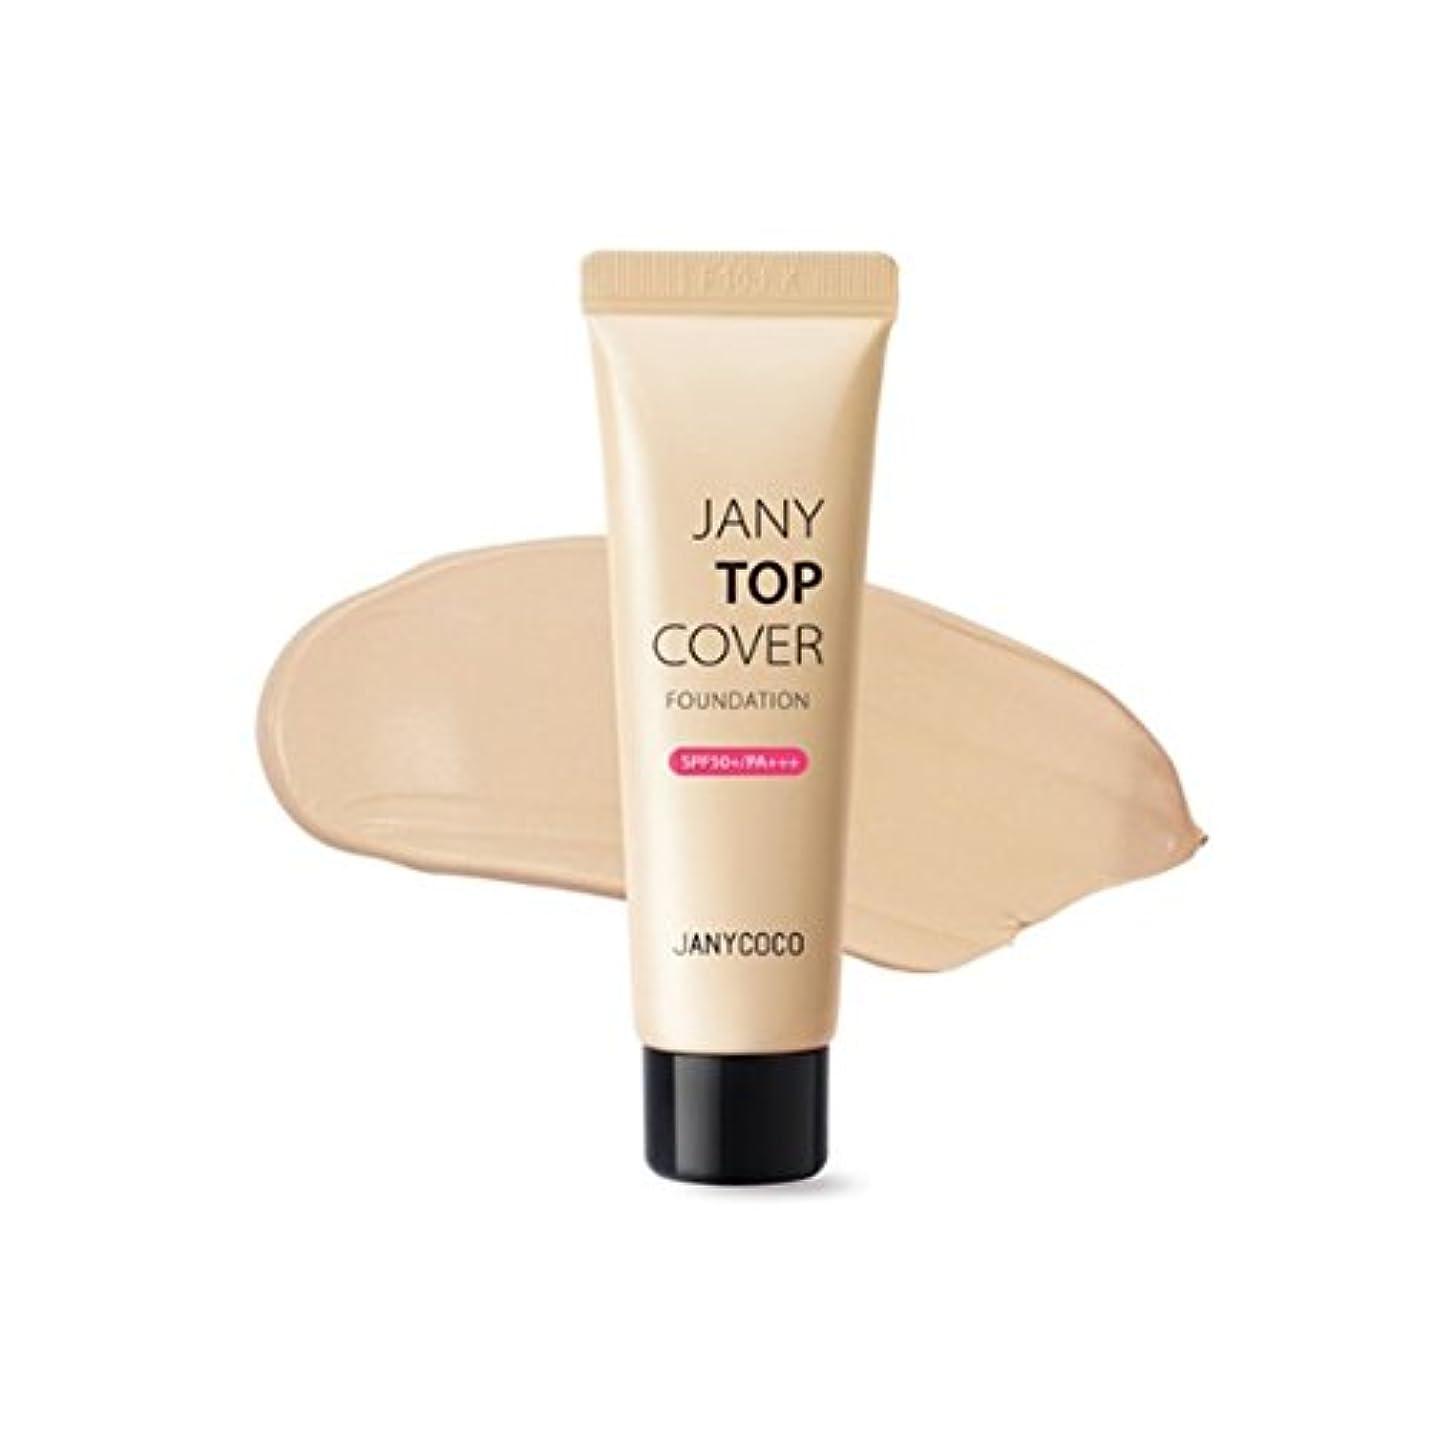 有害ハックドレインジェニーココジェニートップカバーファンデーション(SPF50+/PA+++)30ml 2カラー、Janycoco Jany Top Cover Foundation (SPF50+/PA+++) 30ml 2 Colors...